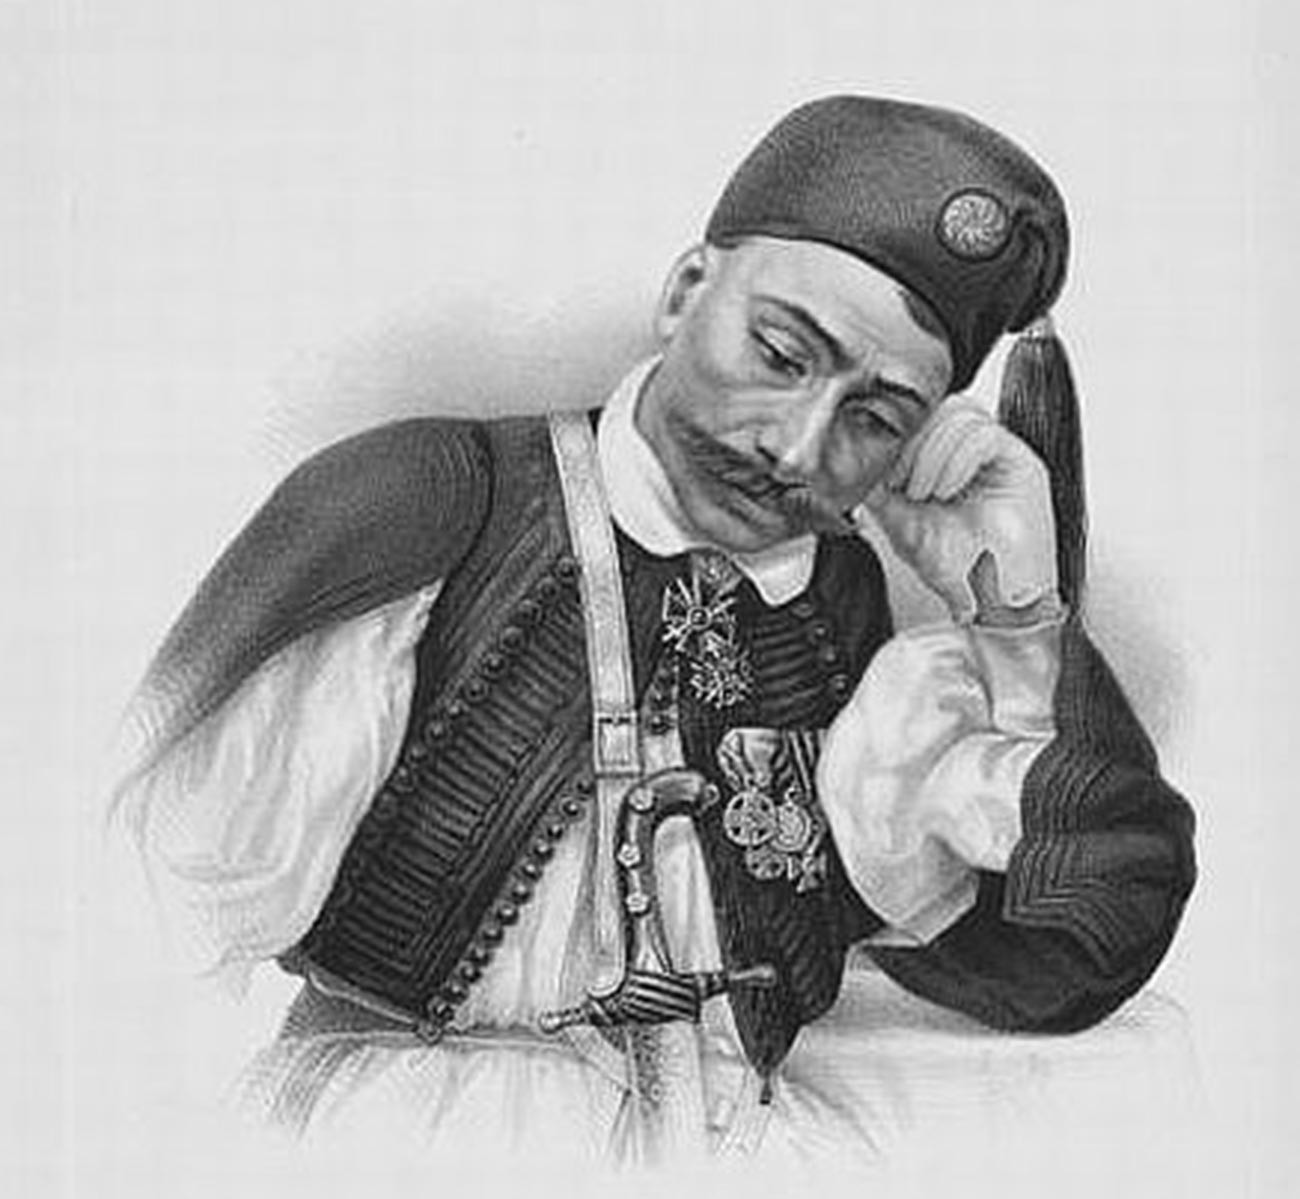 Аристид Хрисовери, мајор и бивши командир Грчке легије императора Николаја II.